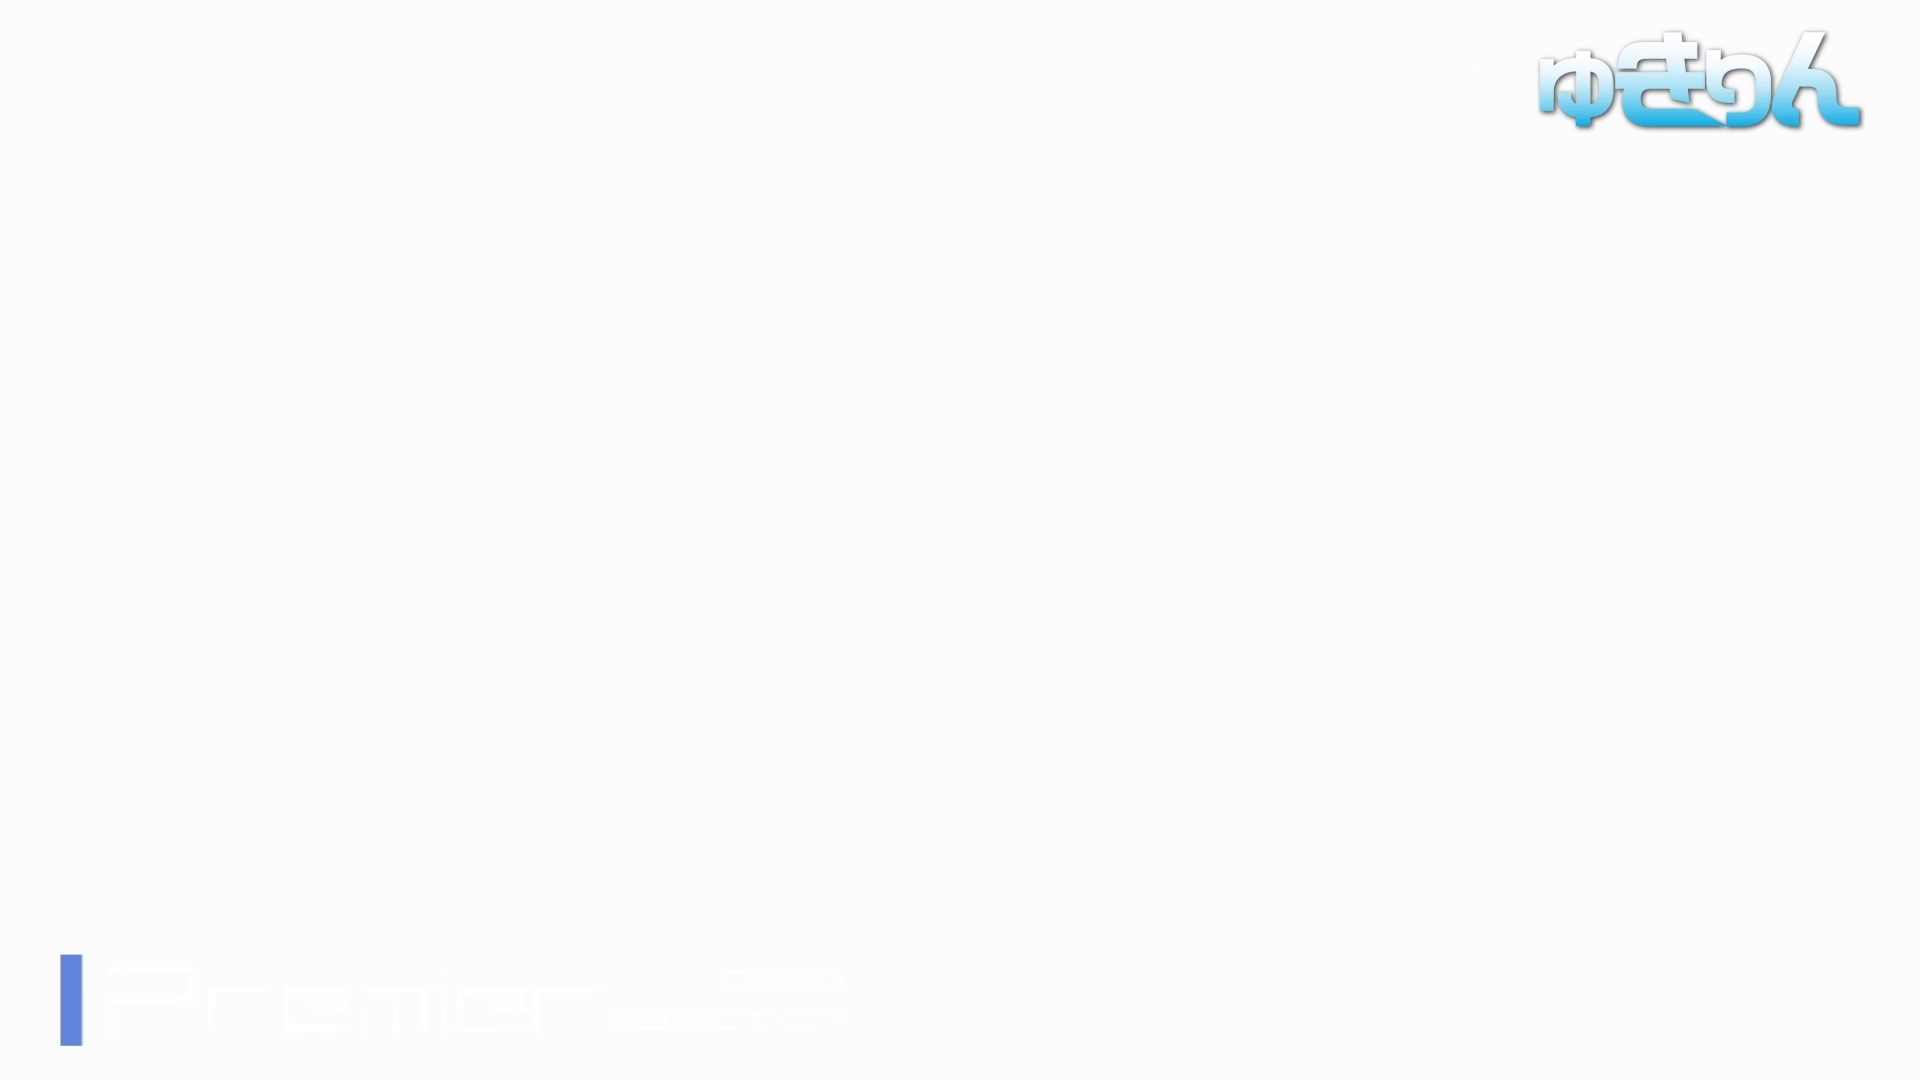 見て!と言わんばかりにナイスな角度!!ナイス携帯【新世界の射窓 No103】 美肌 セックス画像 77画像 65